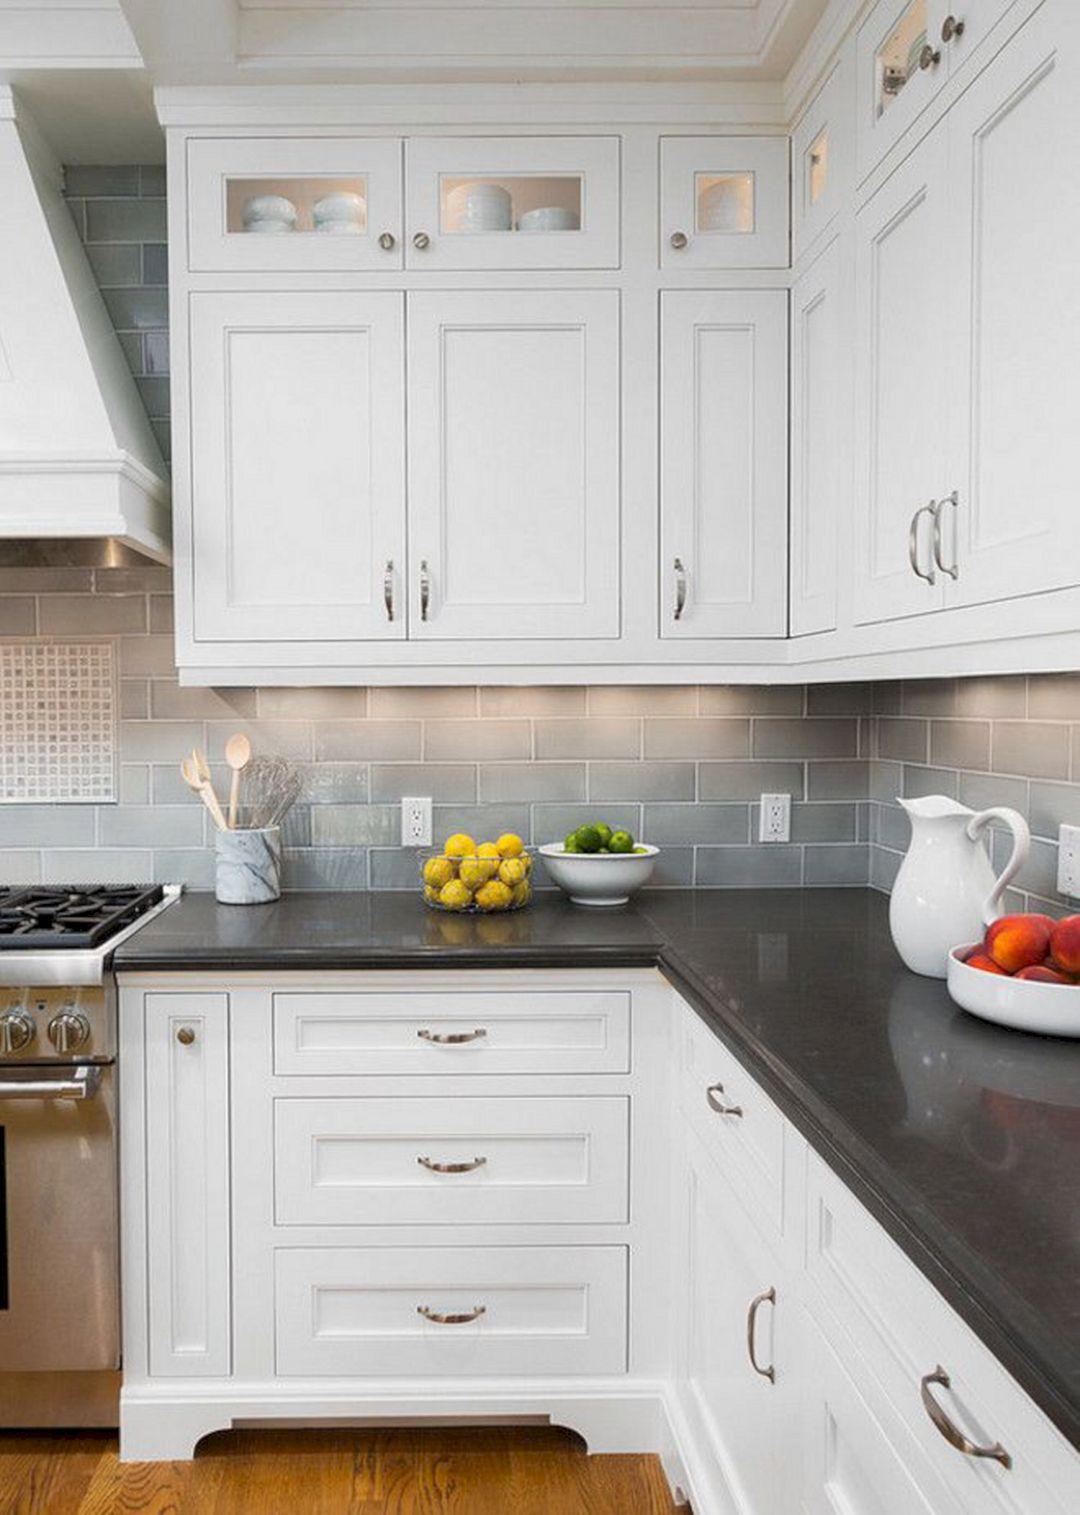 Best Traditional Kitchen Design Ideas 6